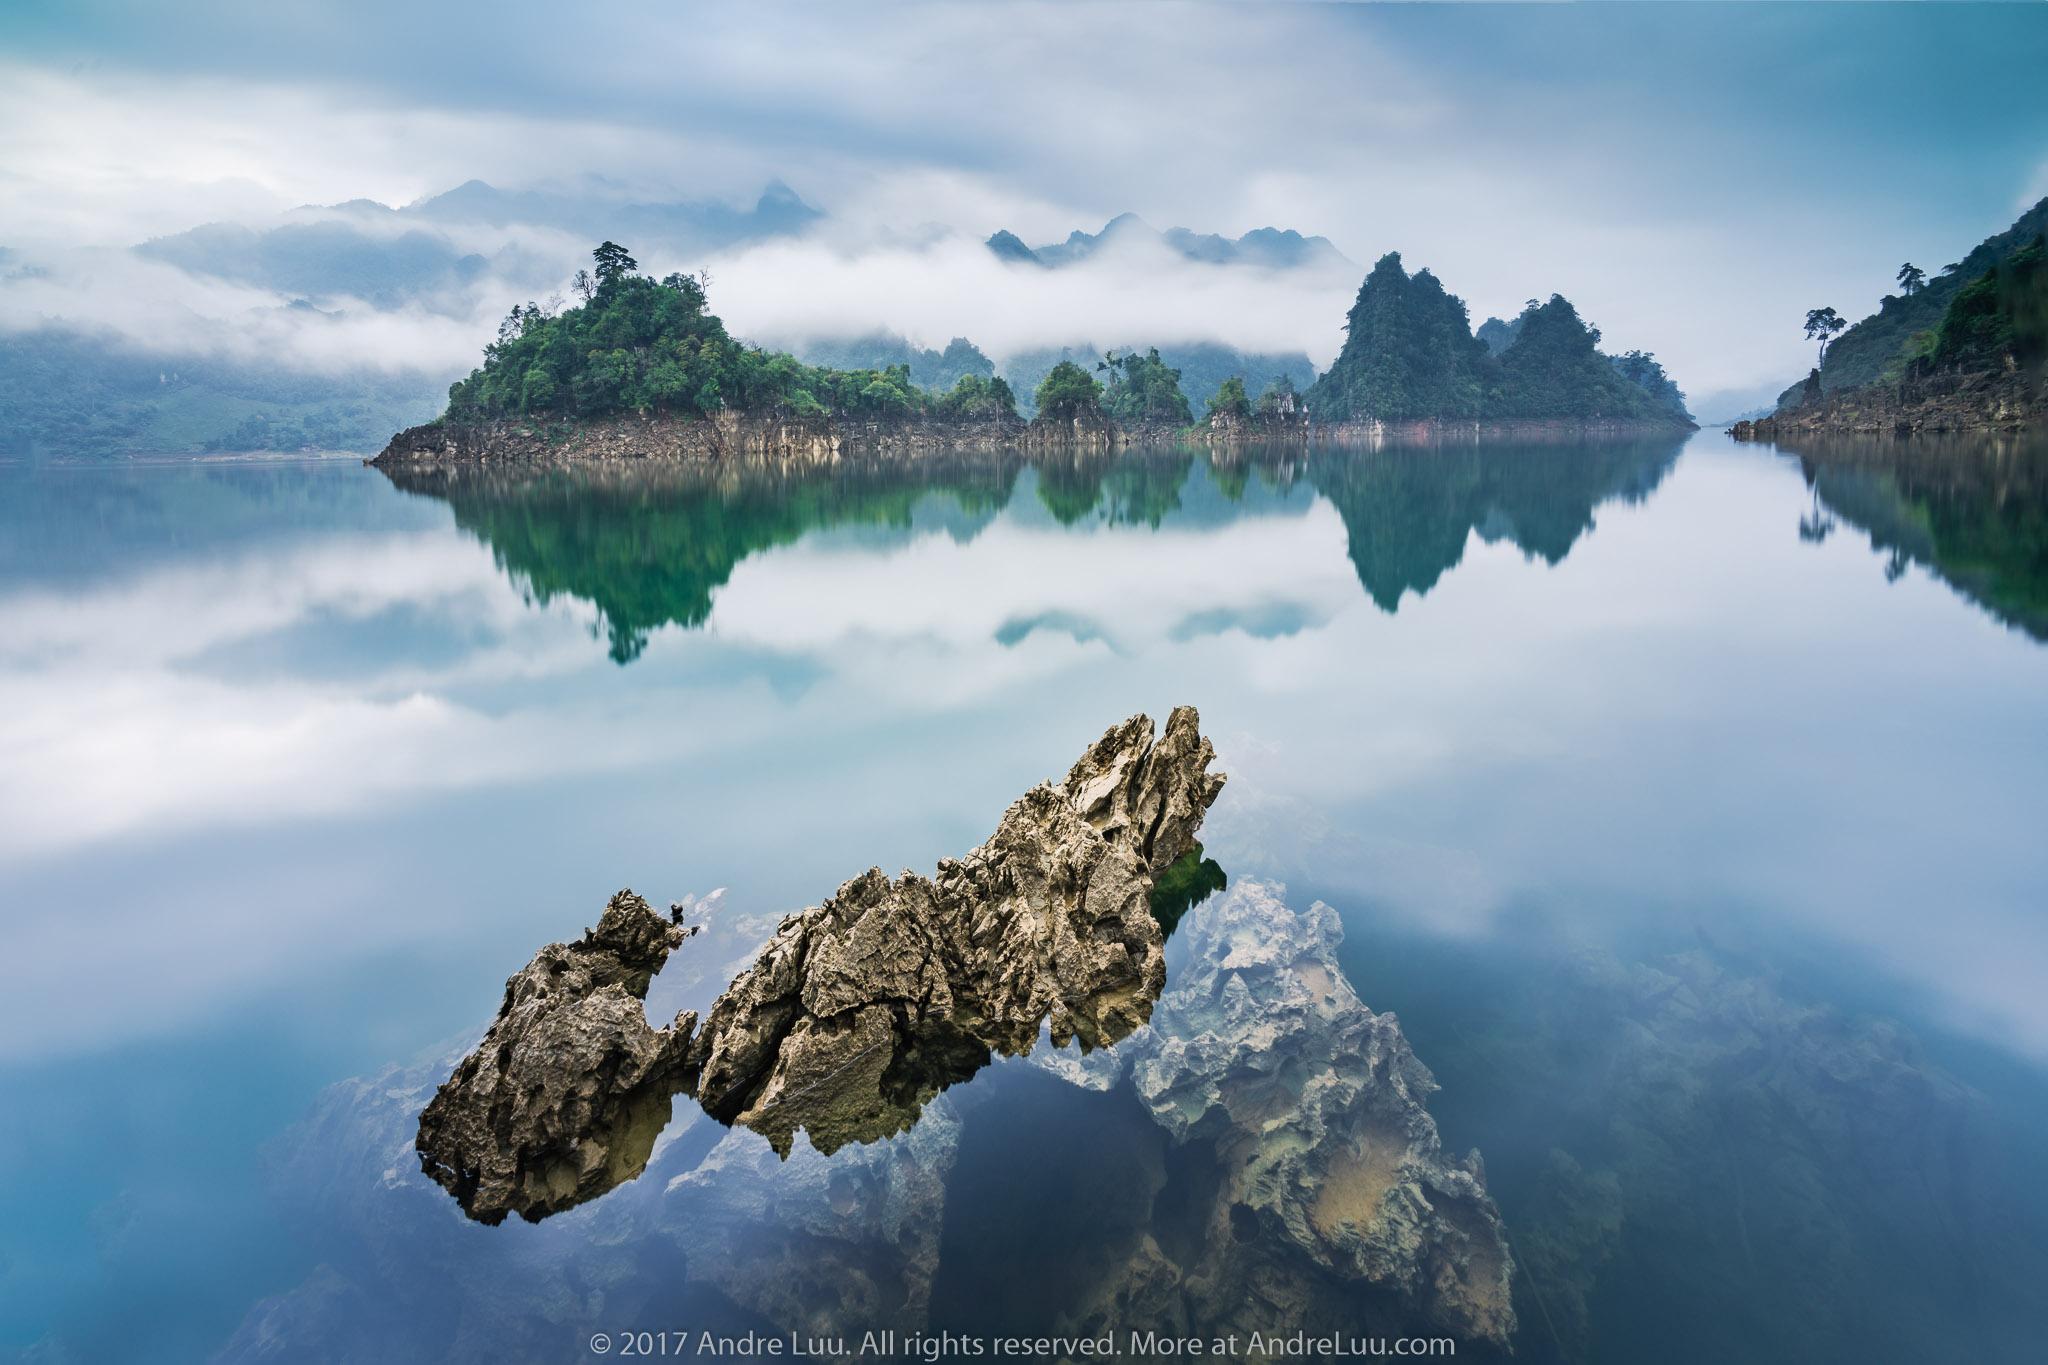 NON XANH NƯỚC BIẾC (BLUE WATER WORLD) 30s f/11 ISO 100 WB 5000K. Sony a7r2 + Lens Voigtlander 12v2 + Center Filter, Gnd 2H, ND 6. Hồ Na Hang, Tuyên Quang.